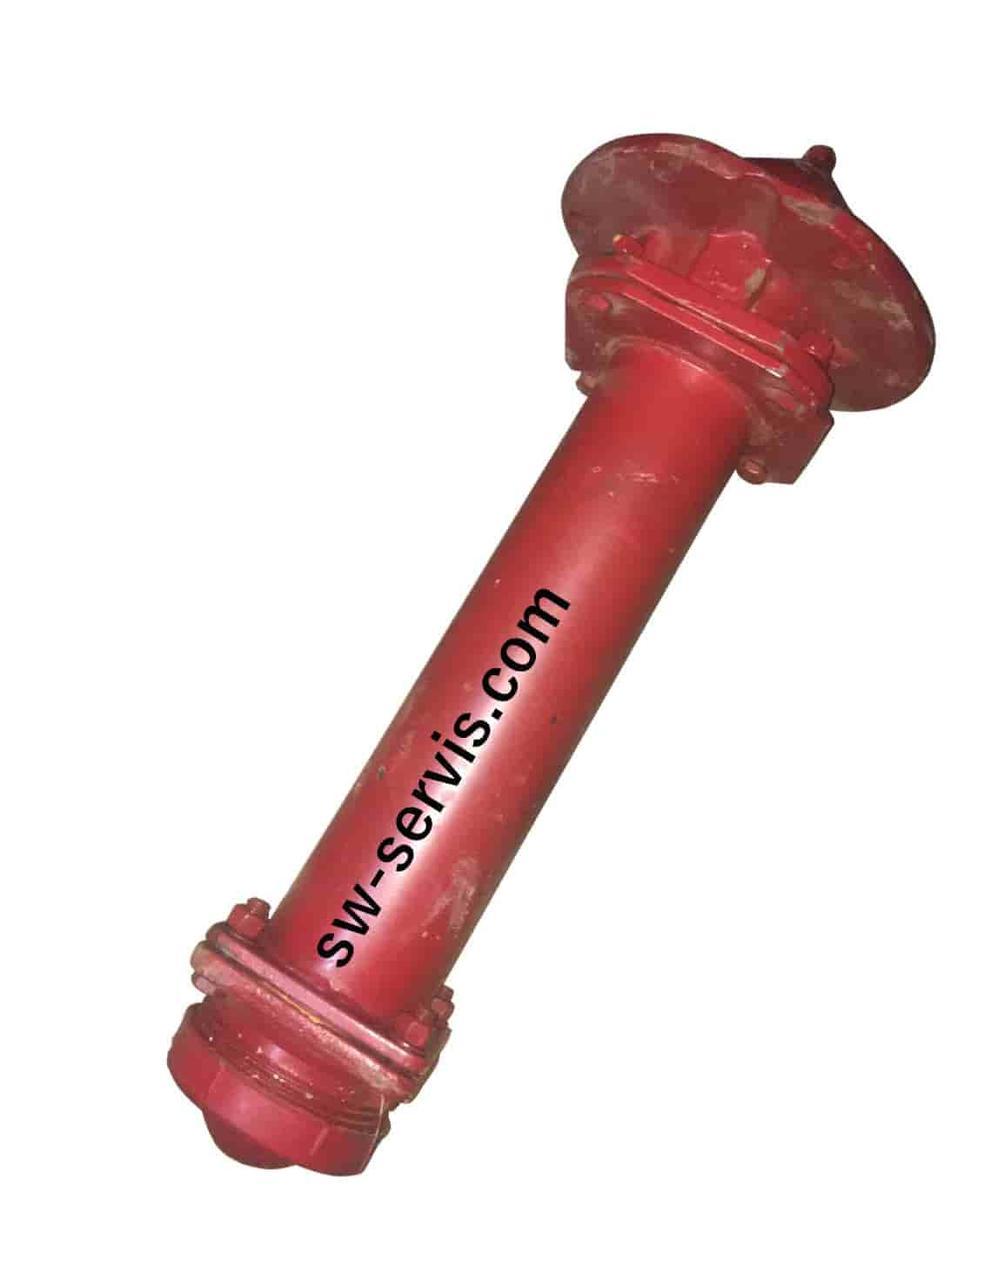 Гидрант пожарный гп-500